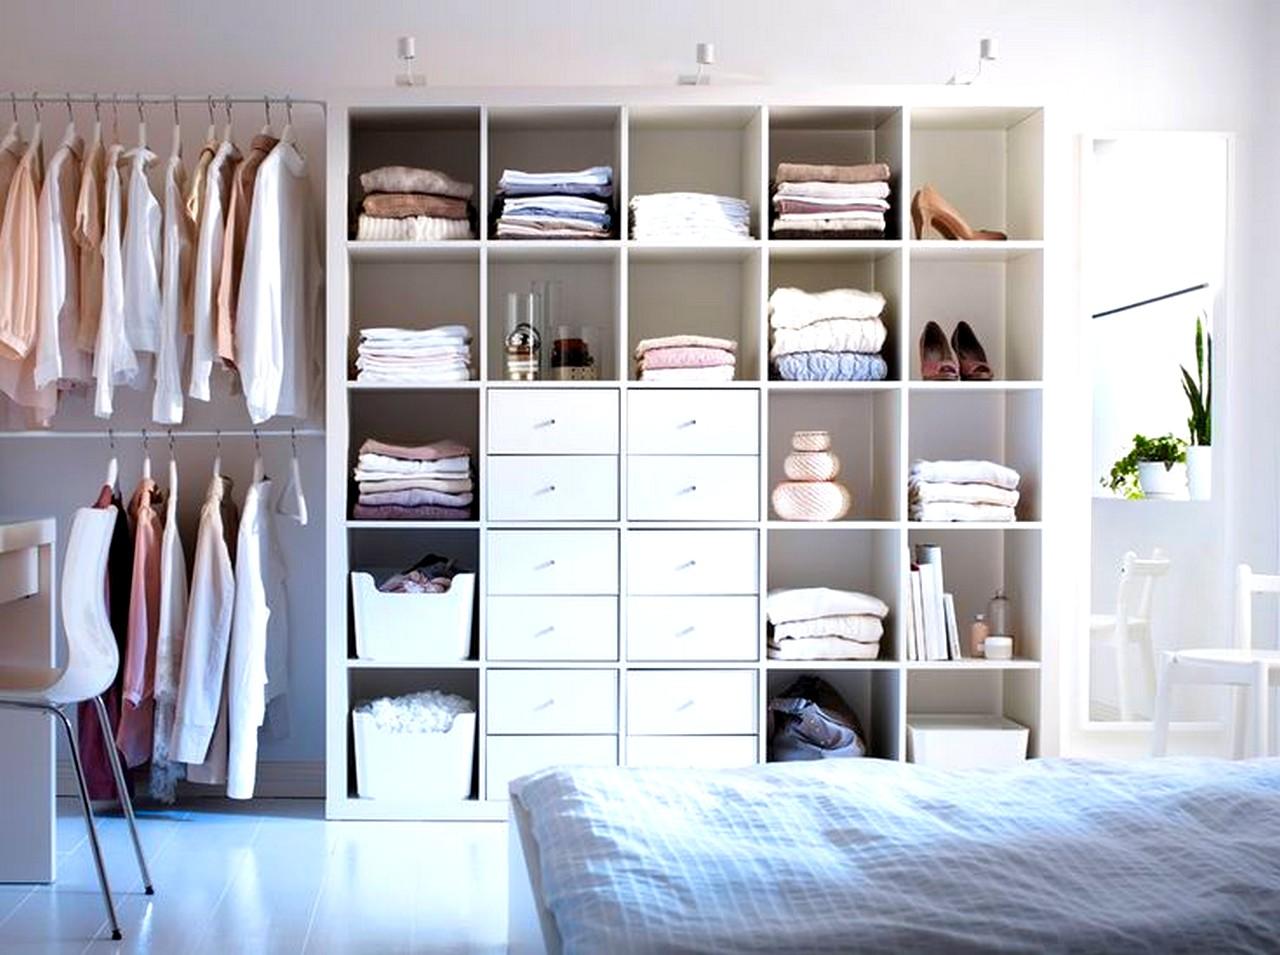 Las 15 Mejores Ideas Para Un Dormitorio Con Vestidor Abierto # Muebles Vestidor Baratos